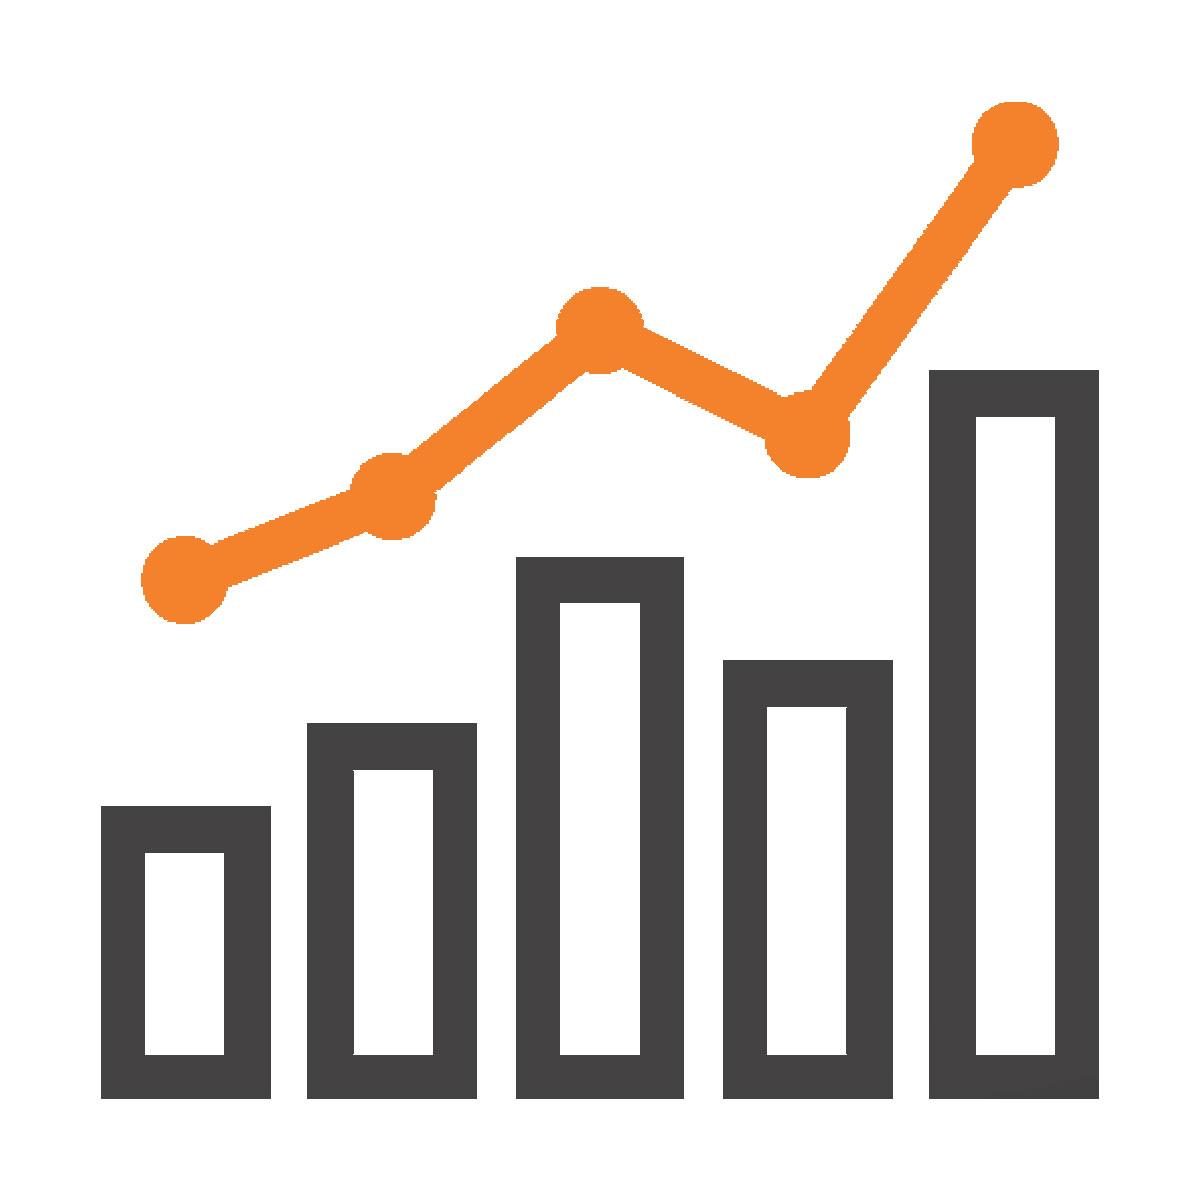 Journals Impact Factor